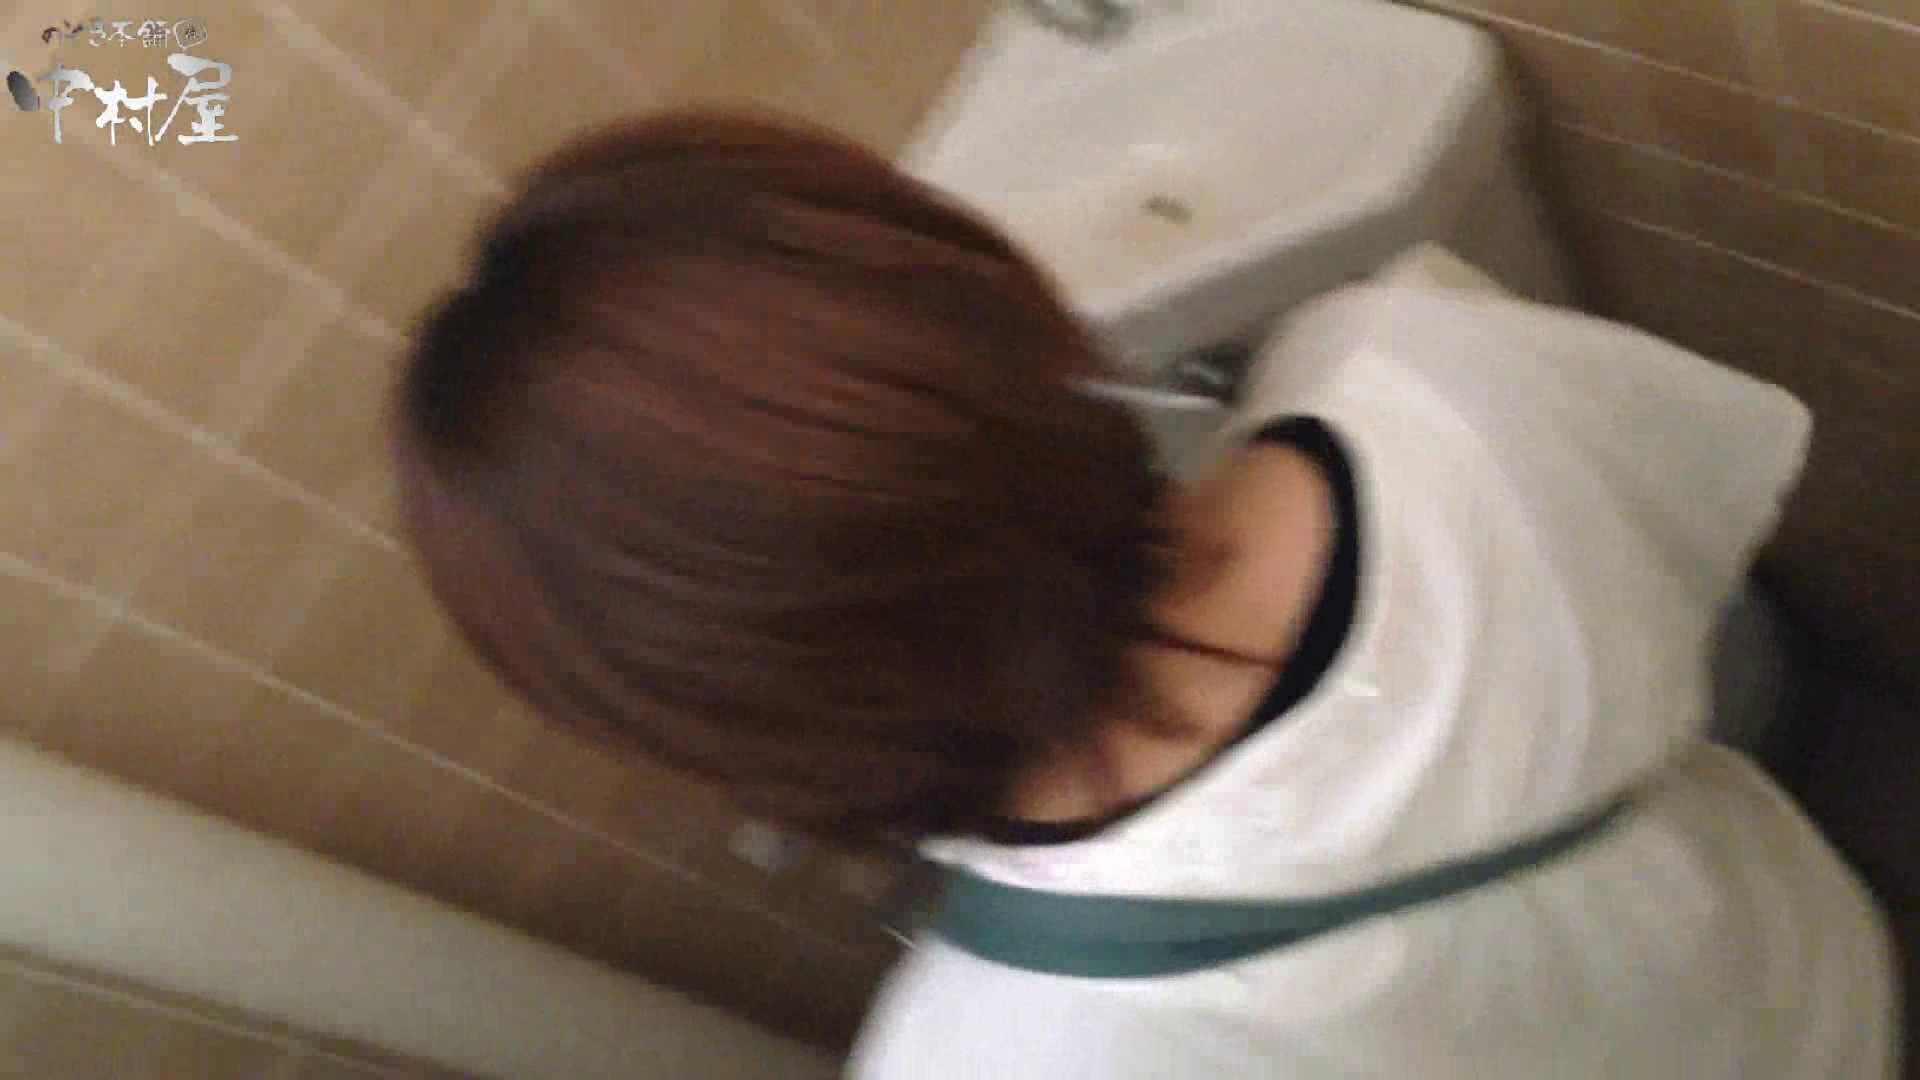 部活女子トイレ潜入編vol.5 トイレ突入 えろ無修正画像 107pic 64